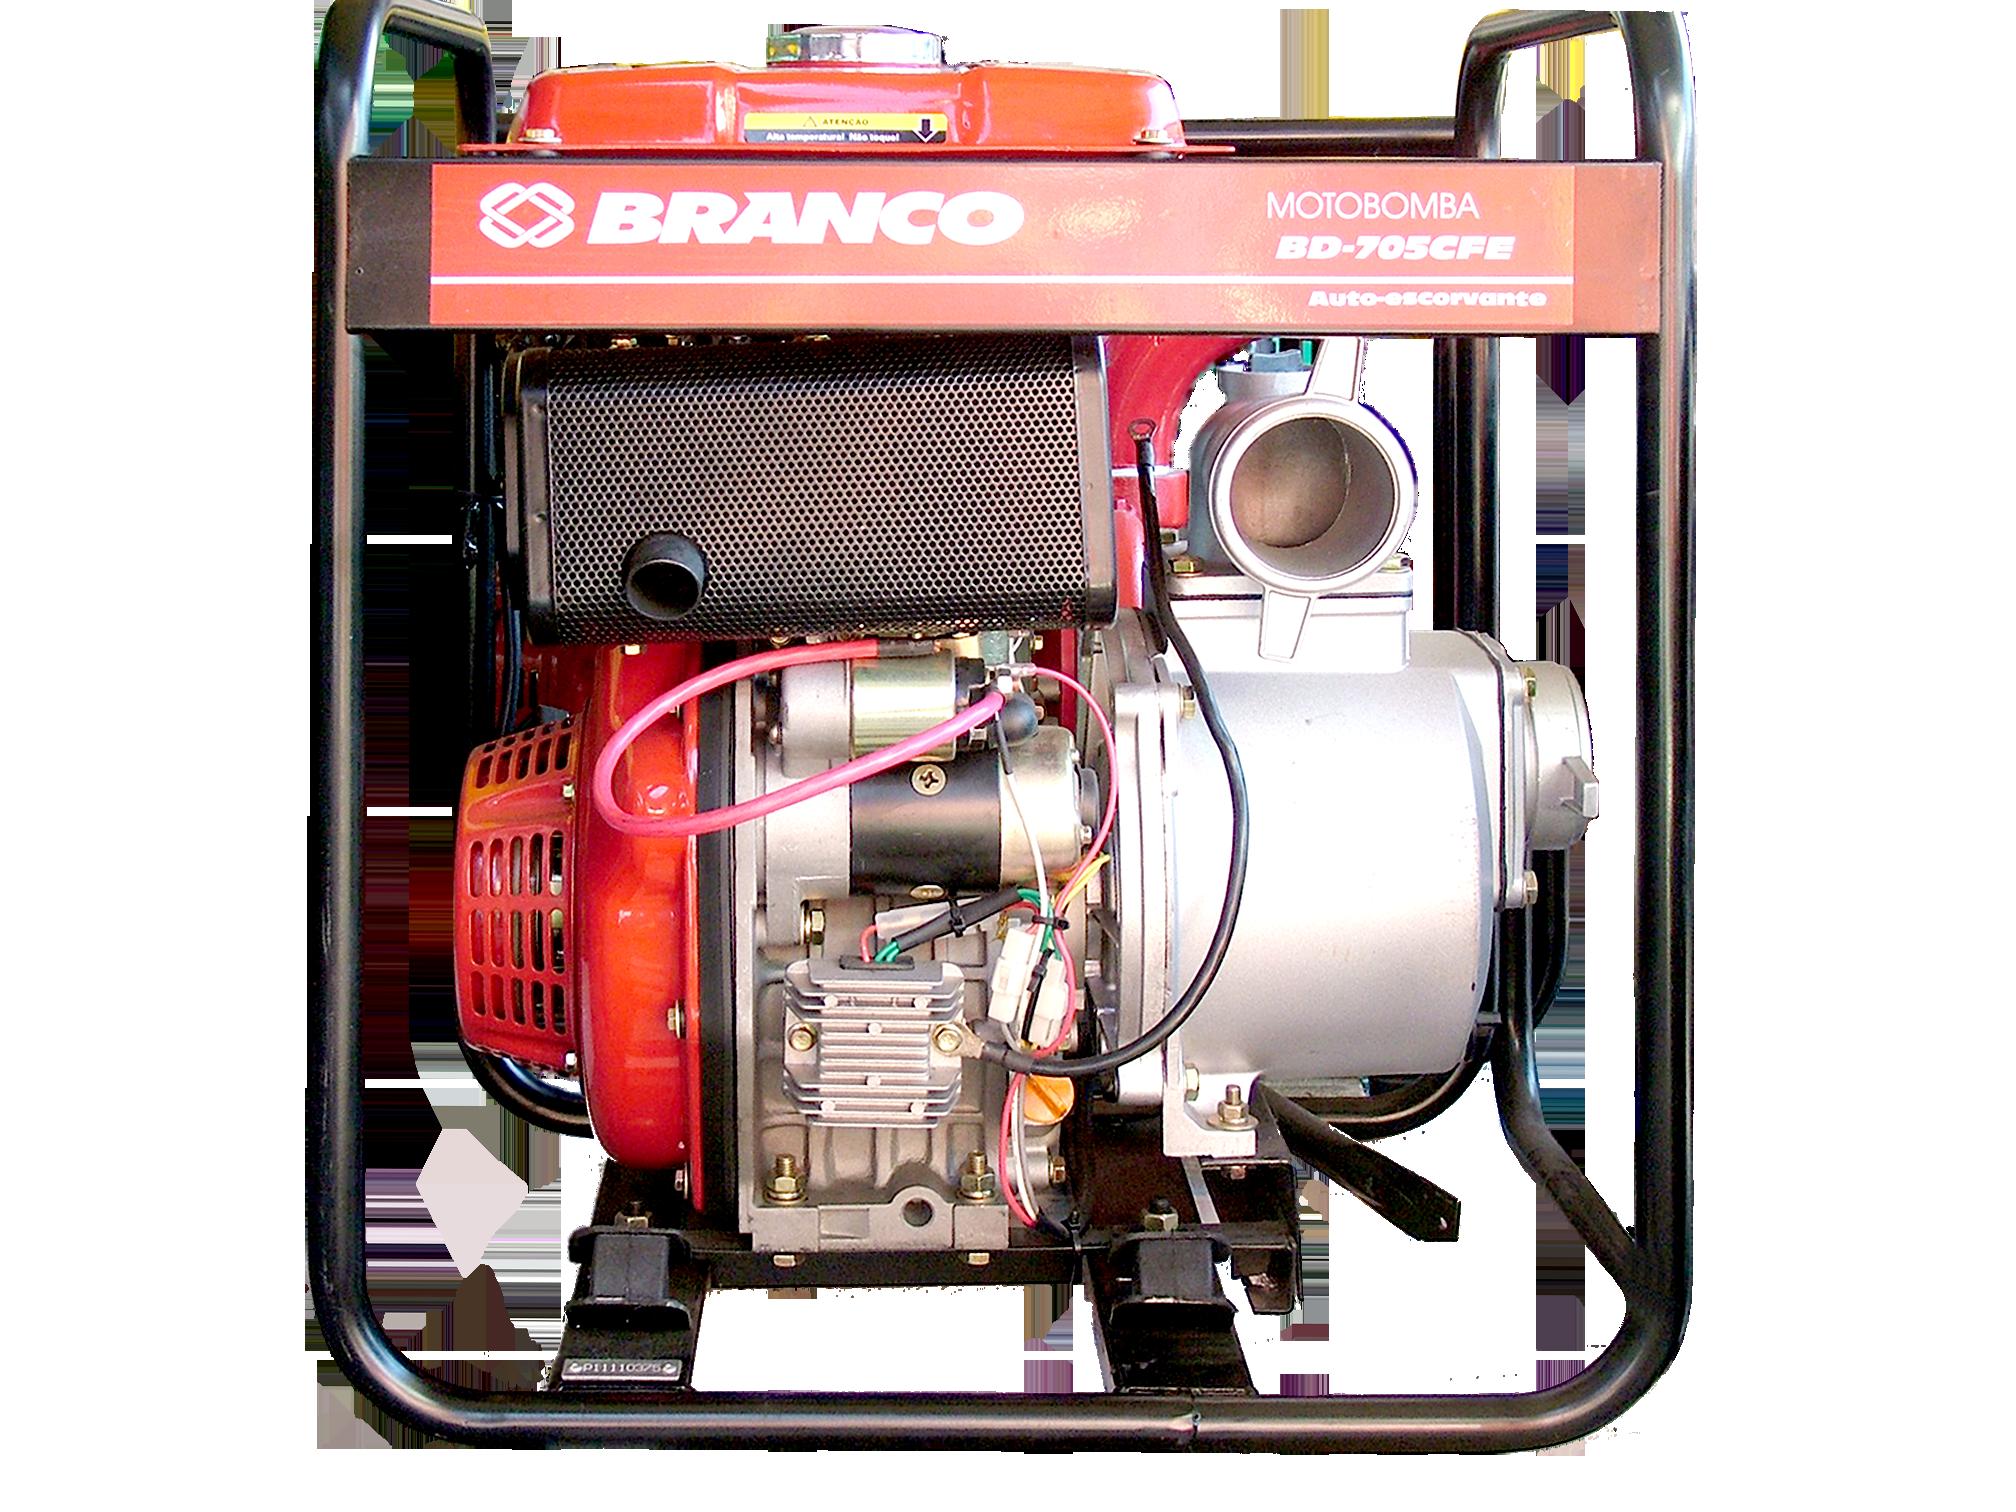 Motobomba Branco BD-705 CFE (Diesel)